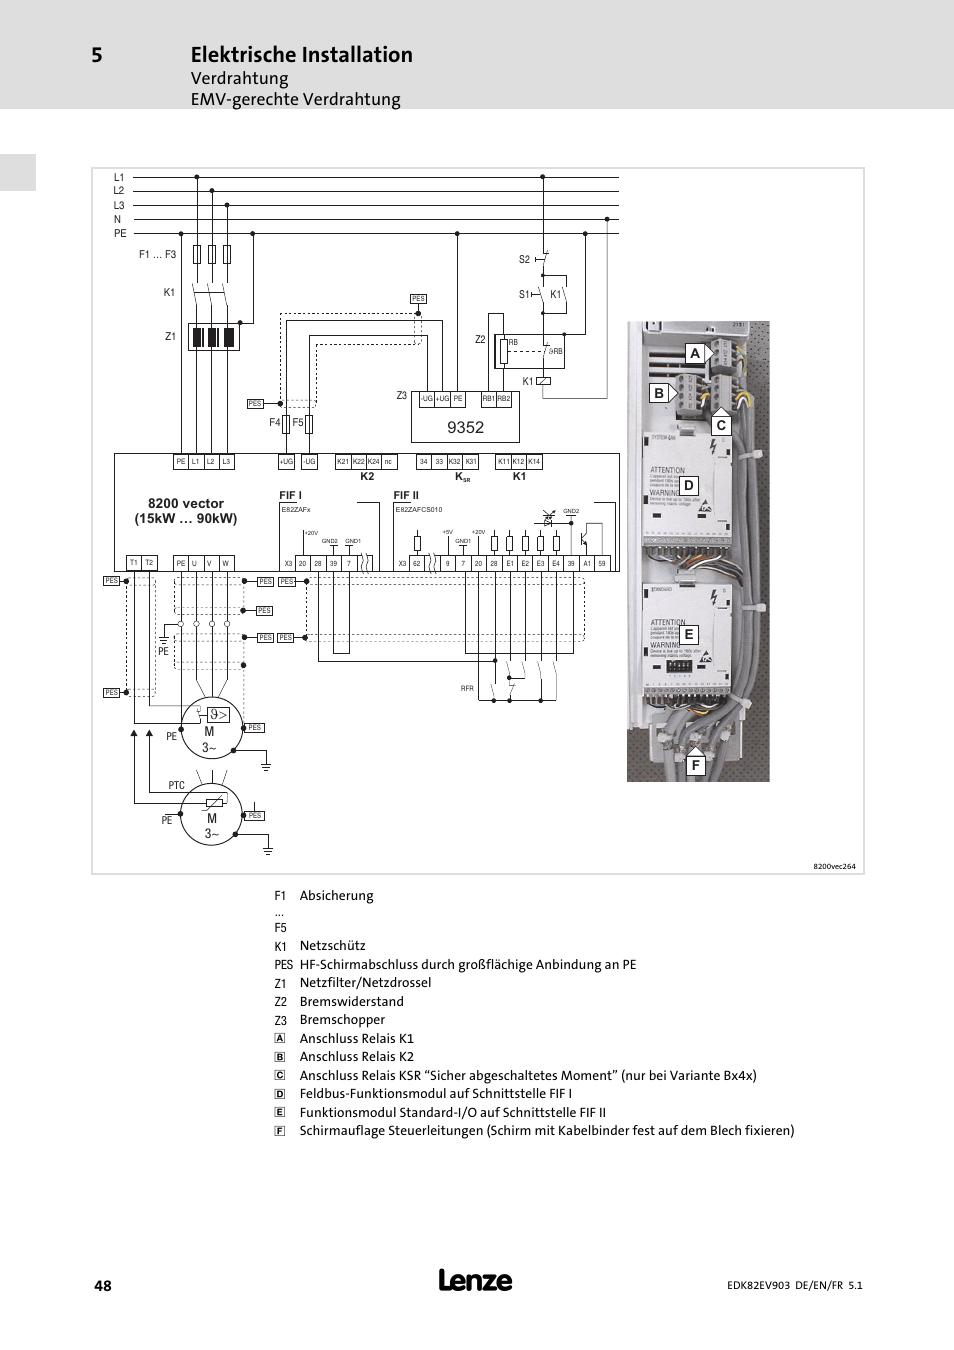 Elektrische installation, Verdrahtung emv−gerechte